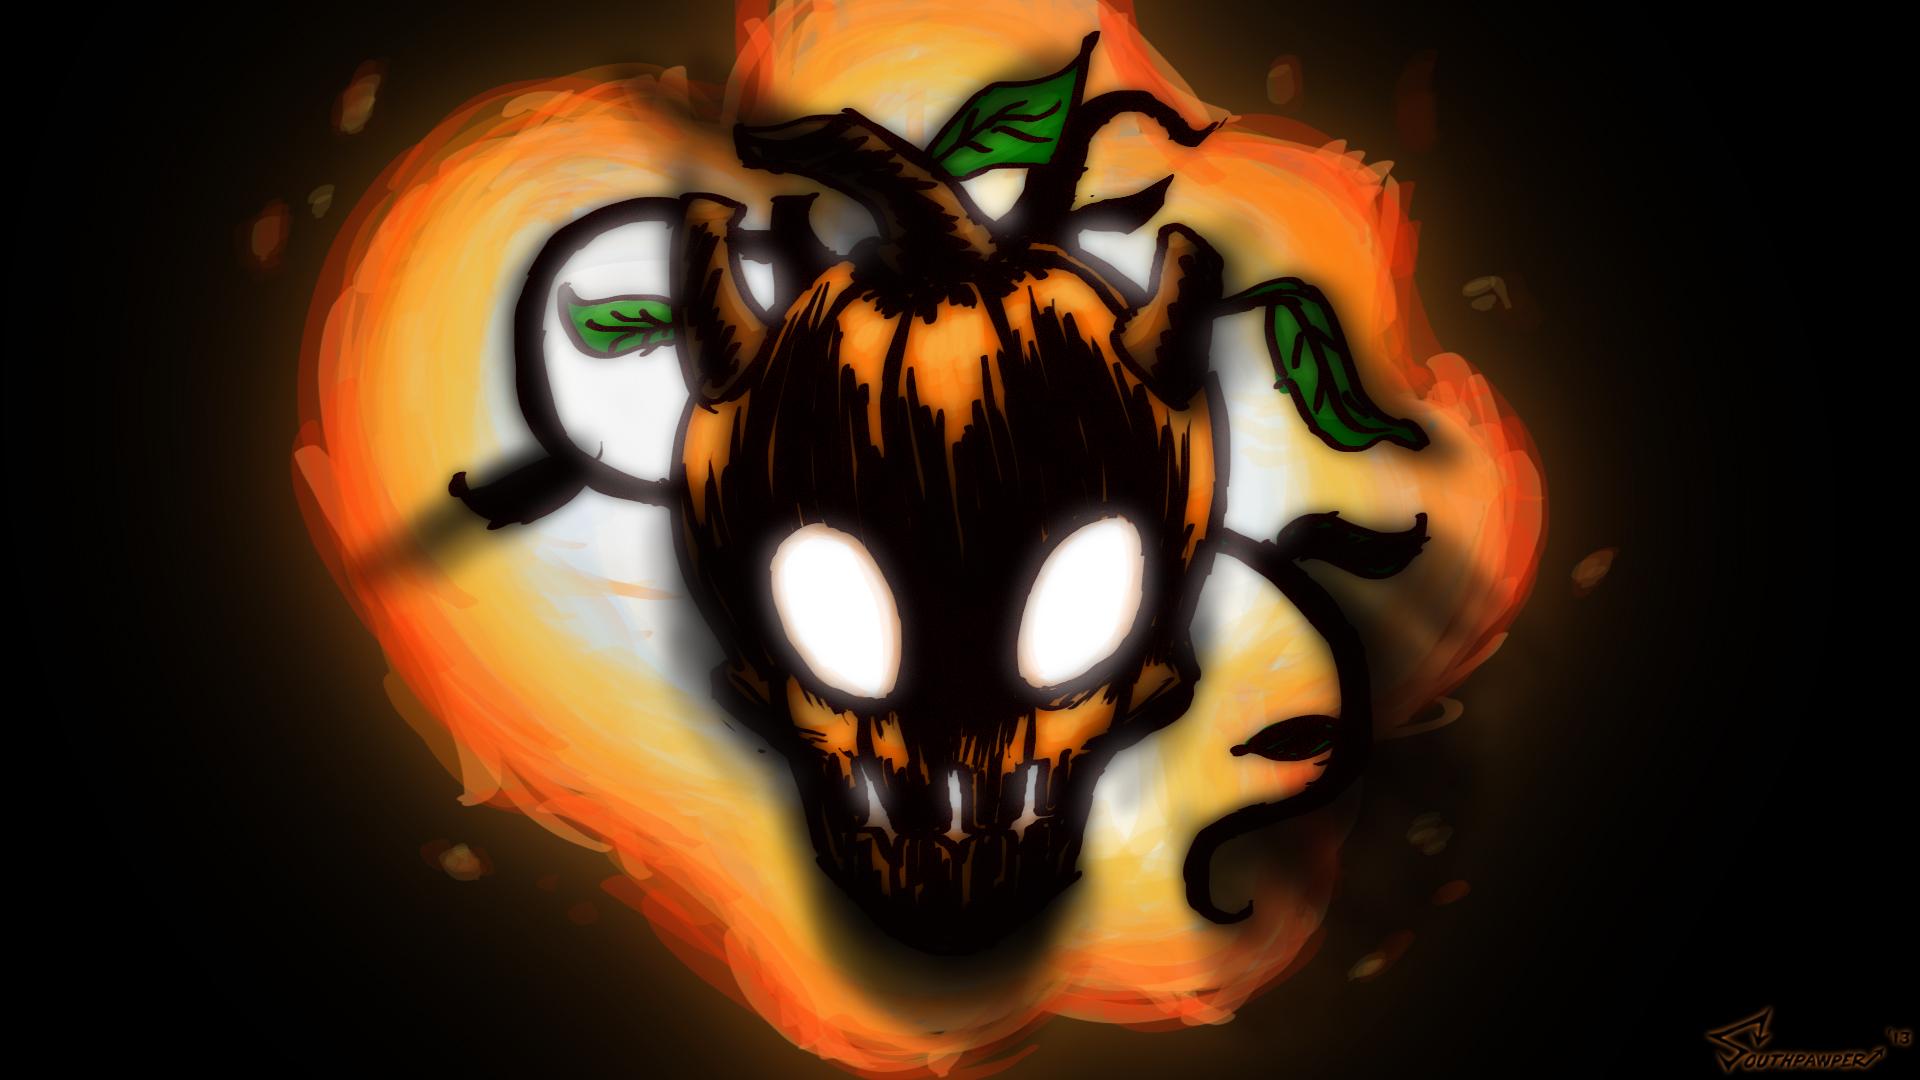 The Skull Heart | VS Battles Wiki | FANDOM powered by Wikia